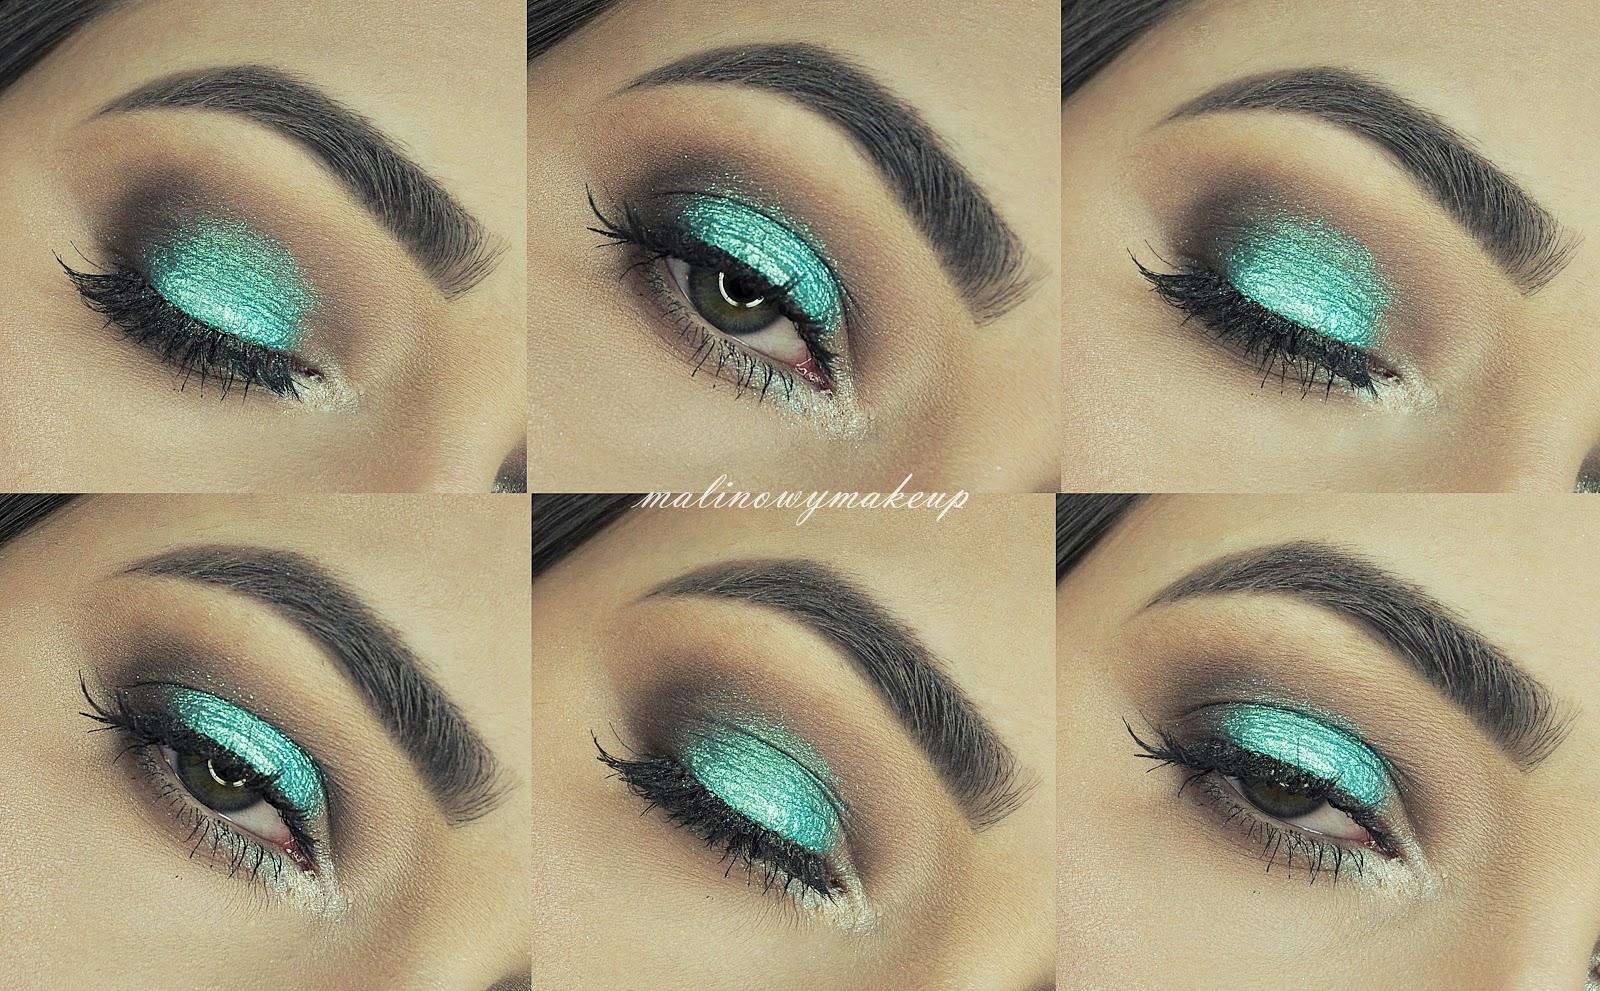 teal makeup mermaid makeup turkusowy makijaż makijaż sylwestrowy